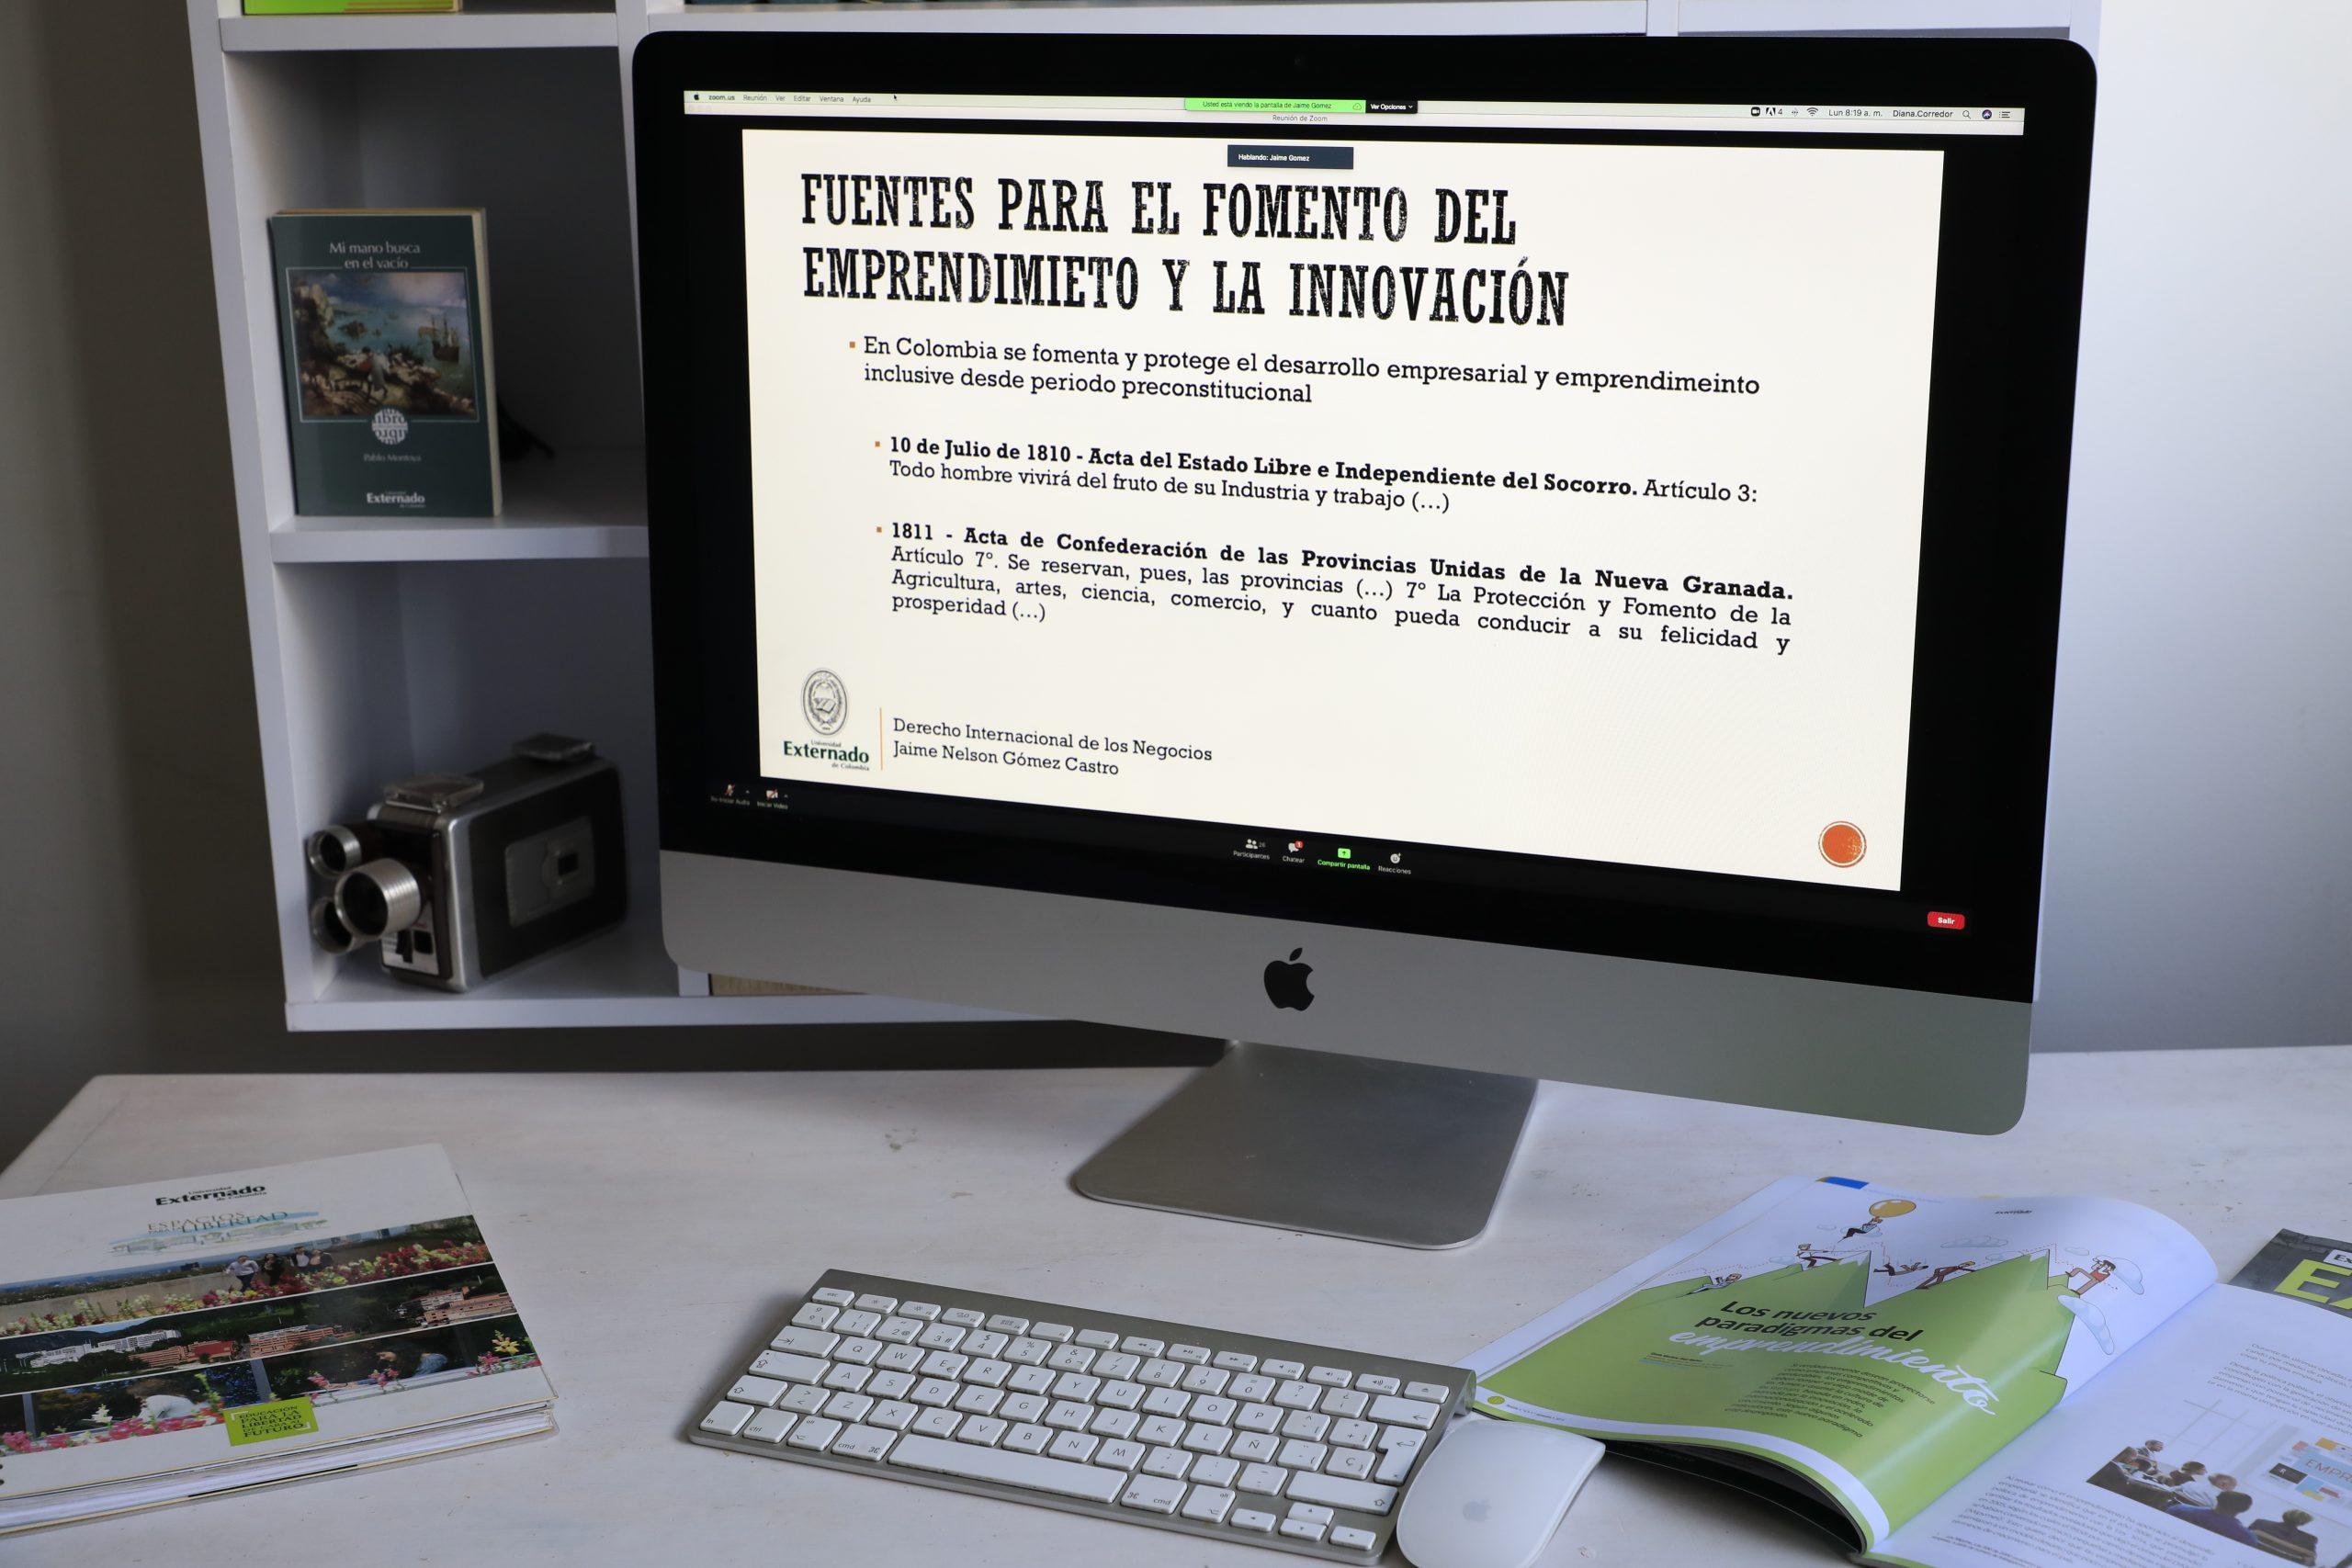 Innovación, competencia y productividad empresarial en Colombia